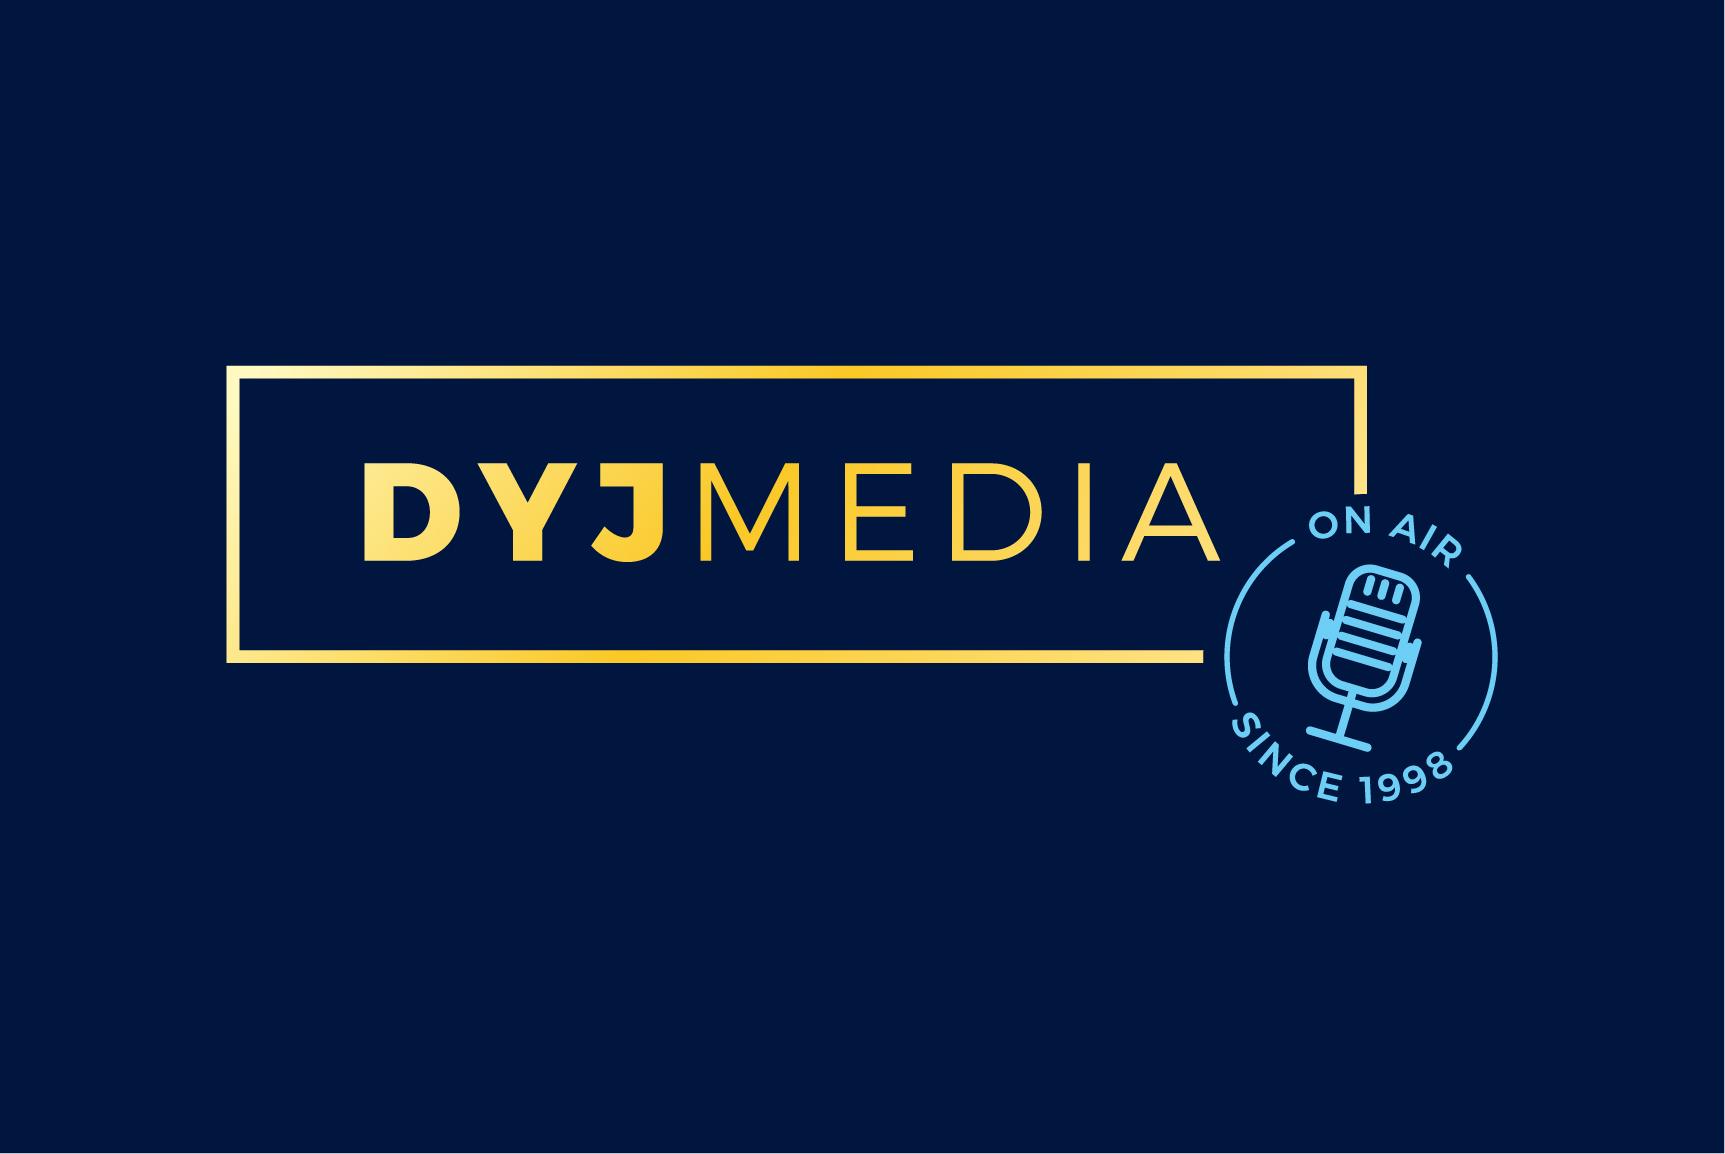 3_DYJ-Media_gold-on-blue.jpg